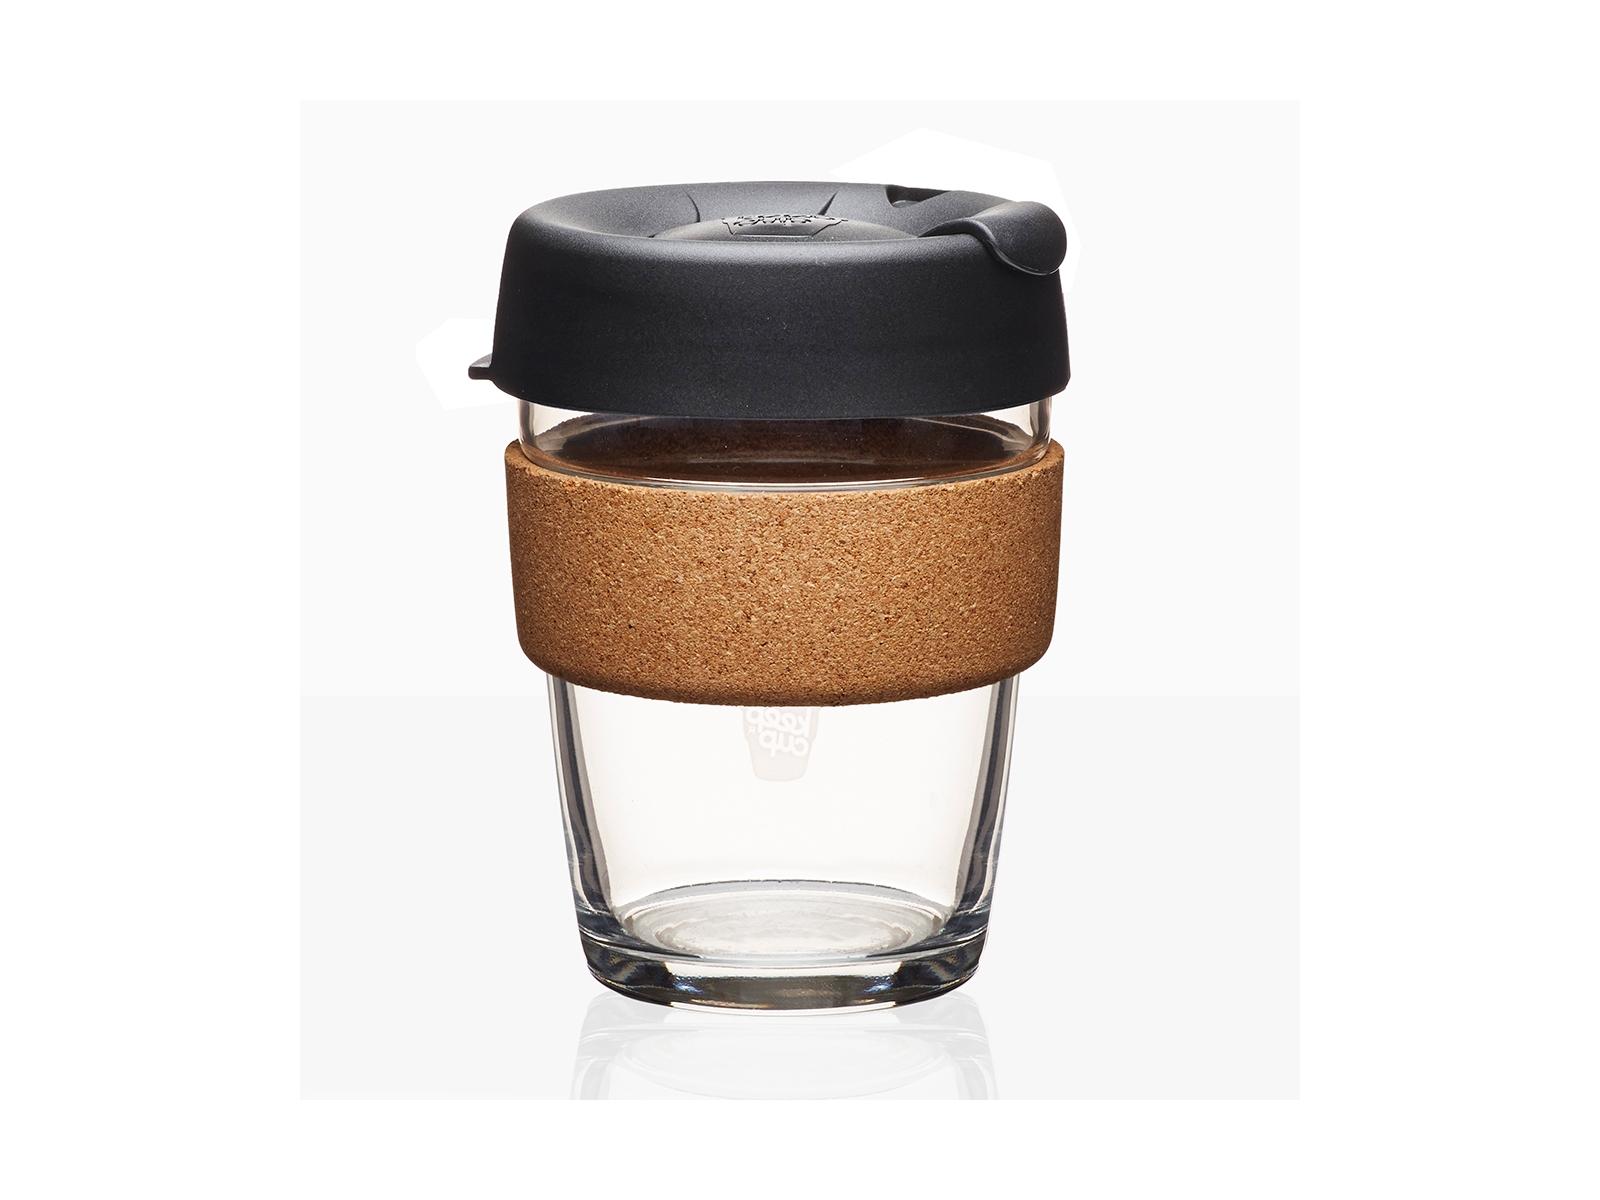 Кружка Keepcup espresso limitedЧайные пары, чашки и кружки<br>Кружка, созданная с мыслями о вас и о планете. Главная идея KeepCup – вдохновить любителей кофе отказаться от использования одноразовых бумажных и пластиковых стаканов, так как их производство и утилизация наносят вред окружающей среде. В год производится и выбрасывается около 500 миллиардов одноразовых стаканчиков, а ведь планета у нас всего одна! <br>Но главный плюс кружки  – привлекательный и яркий дизайн, который станет отражением вашего личного стиля. Берите ее в кафе или наливайте кофе, чай, сок дома, чтобы взять с собой - пить вкусные напитки на ходу, на работе или на пикнике. Специальная крышка с открывающимся и закрывающимся клапаном спасет от брызг, ободок из пробкового дерева (ограниченная серия) поможет не обжечься, плюс удобно держать кружку в руках, а плотная крышка и толстые стенки сохранят напиток теплым в течение 20-30 минут. <br>Крышка сделана из нетоксичного пластика без содержания вредного бисфенола (BPA-free) и прочного стекла. Можно использовать в микроволновой печи и мыть в посудомоечной машине.&amp;amp;nbsp;&amp;lt;div&amp;gt;&amp;lt;br&amp;gt;&amp;lt;/div&amp;gt;&amp;lt;div&amp;gt;Объем:&amp;amp;nbsp;340 мл.&amp;lt;/div&amp;gt;<br><br>Material: Стекло<br>Height см: 12,5<br>Diameter см: 8